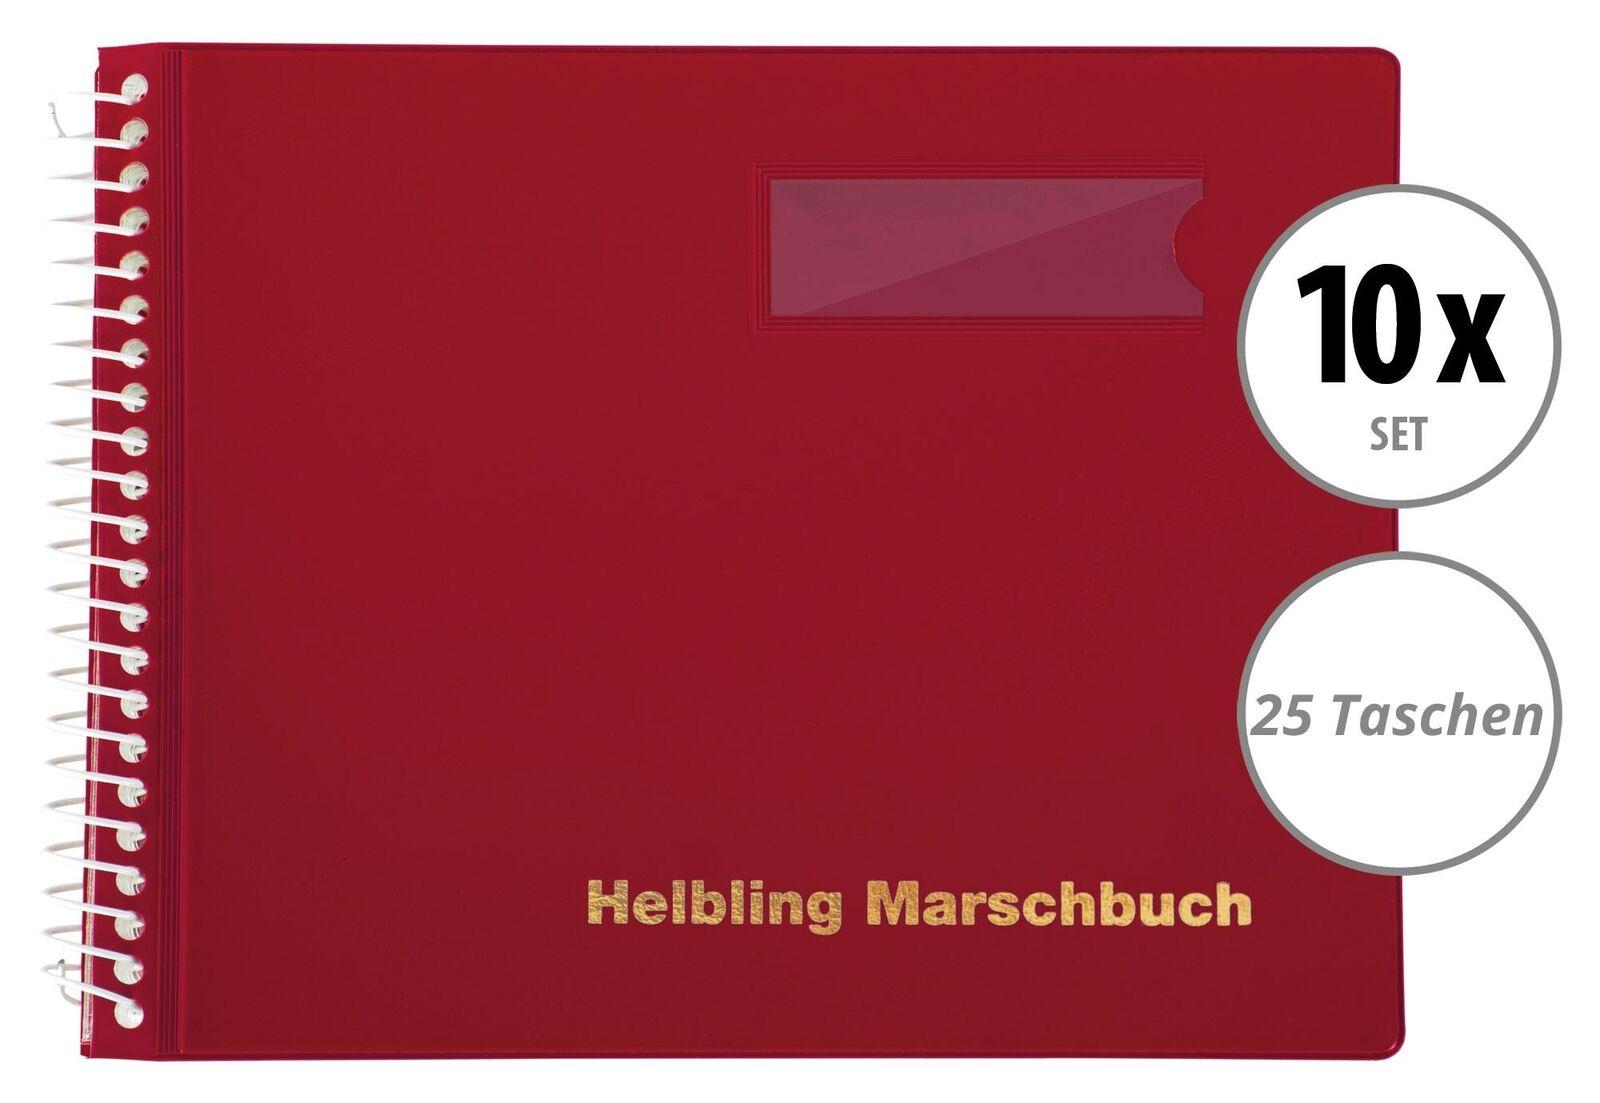 10x Helbling BMR25 Marschbuch rot 25 Taschen Marsch Noten Mappe Musik Spirale